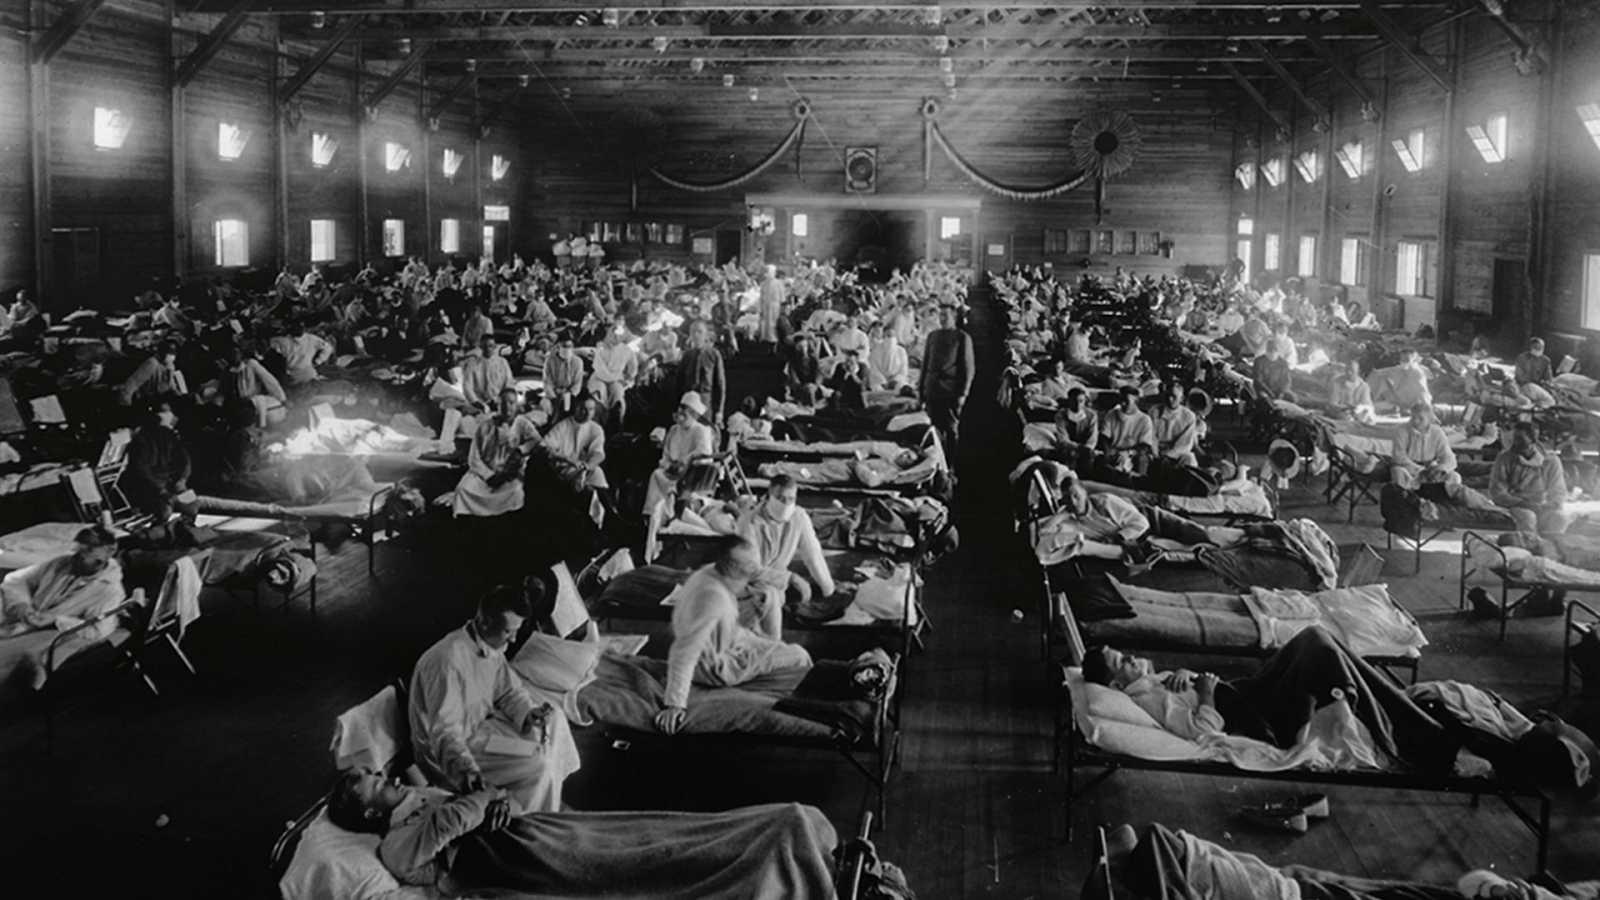 Reportajes RNE - 1918: las otras elecciones en pandemia - Escuchar ahora